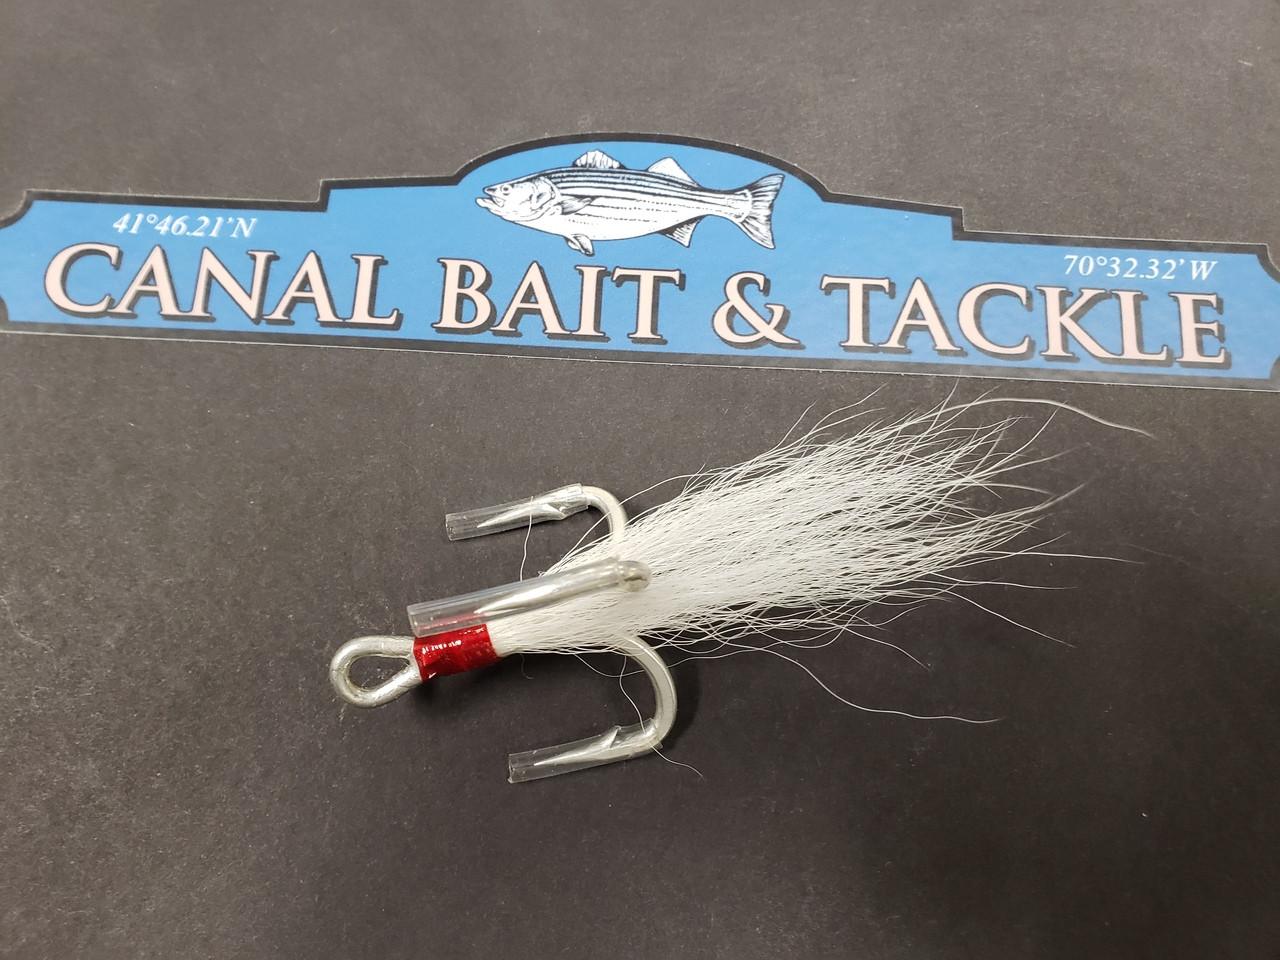 Owner Treble Bucktail Hook 3/0 ST-76 (1 Pack) 5676-139